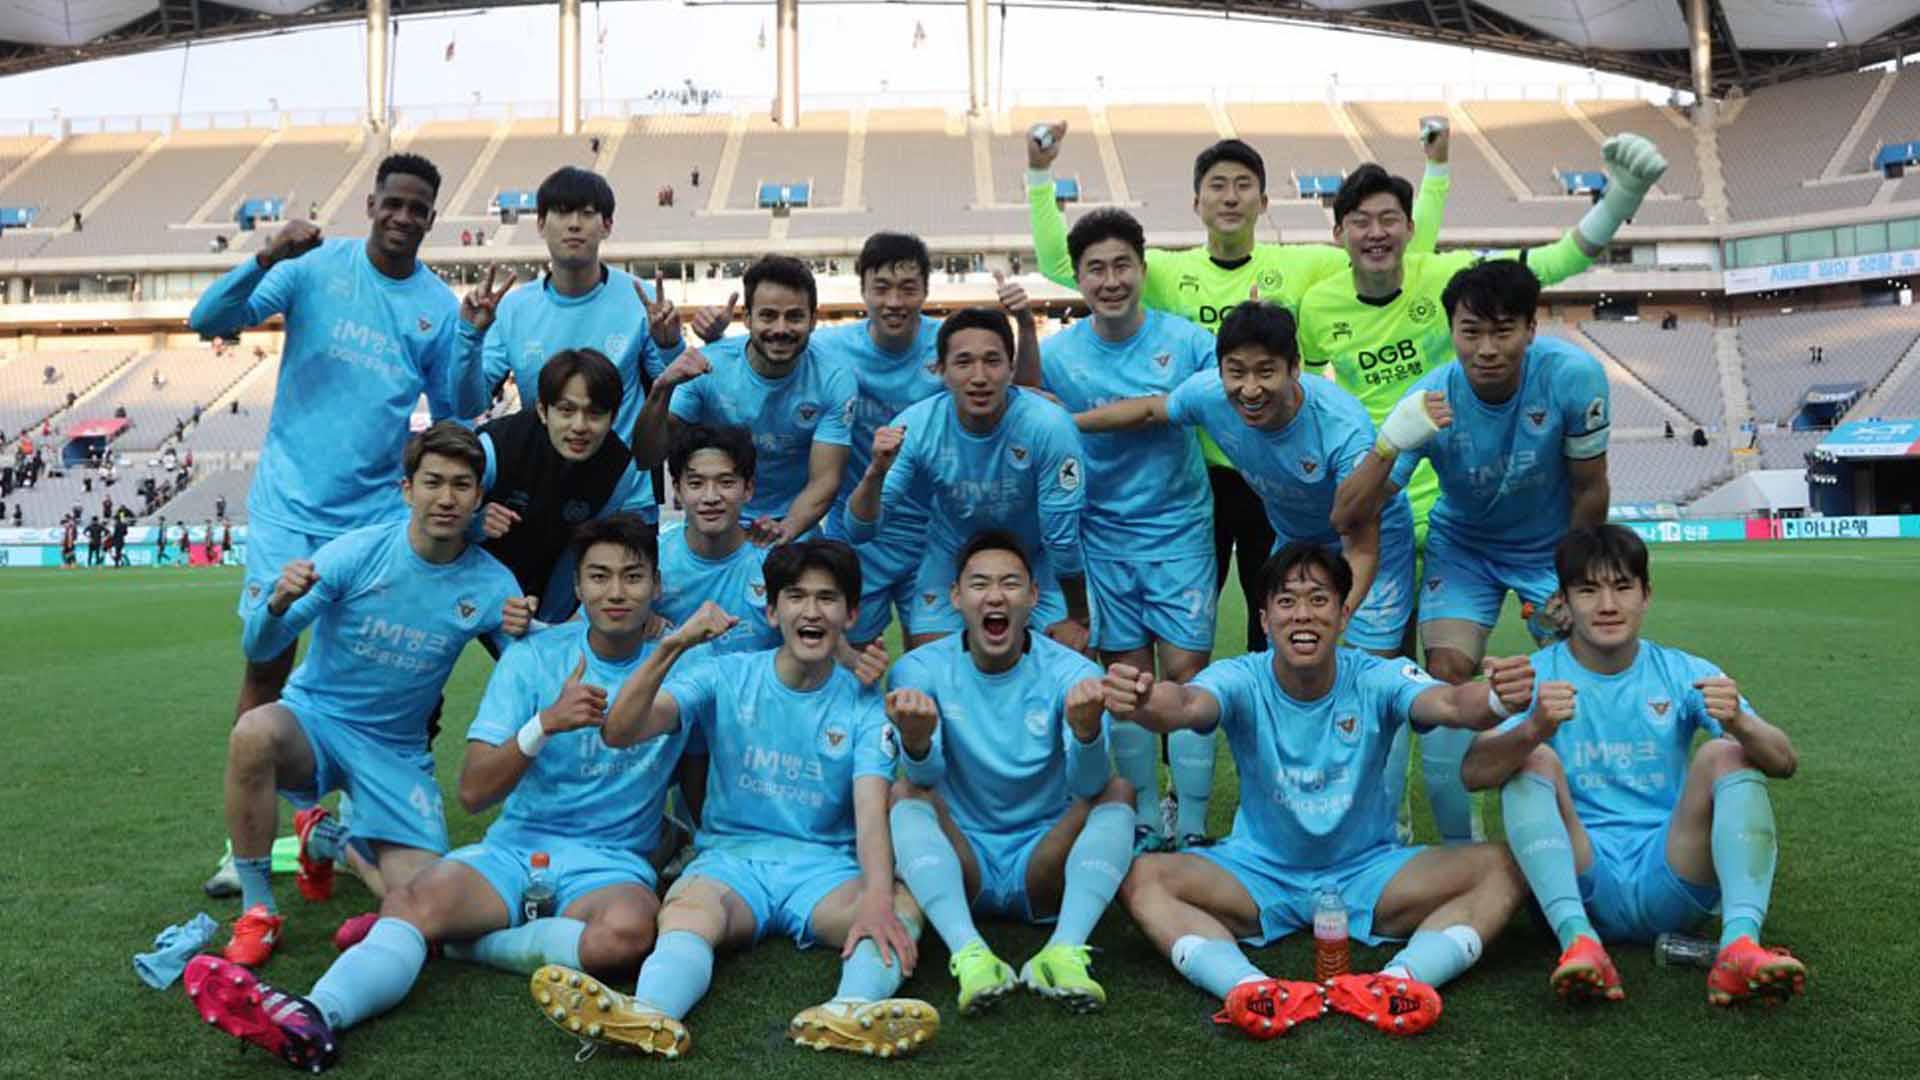 [프로축구] 대구, 4경기 만에 승리…서울은 리그 4연패